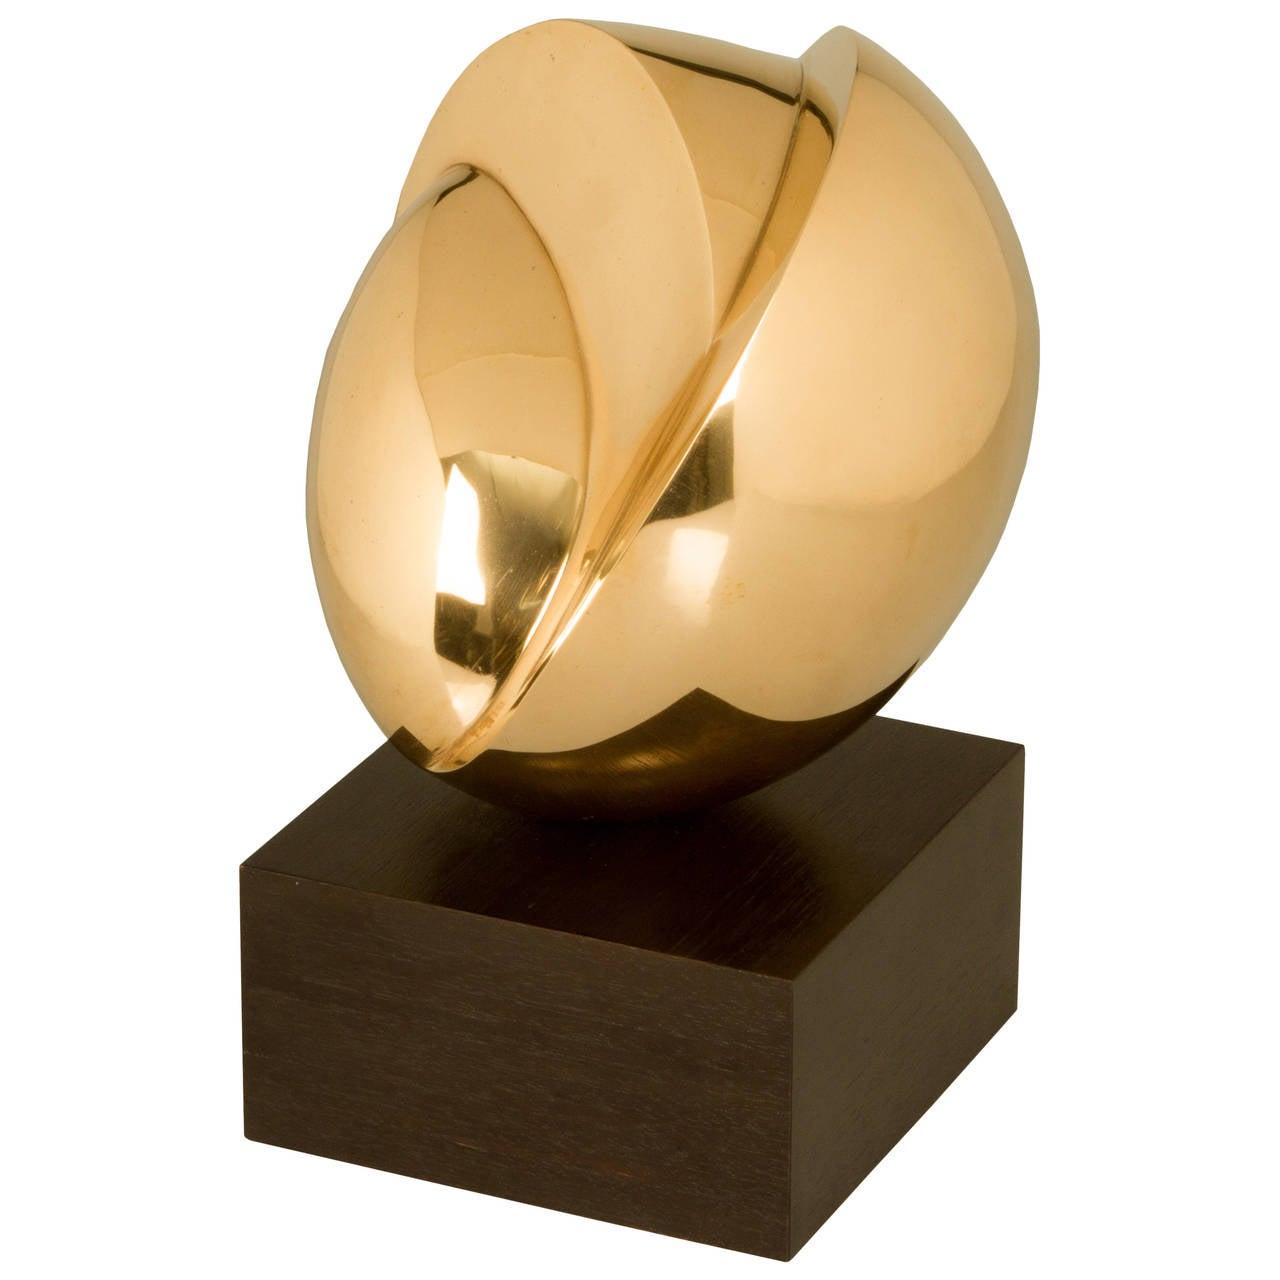 Modernist Polished Bronze Sculpture By Odell Prather At